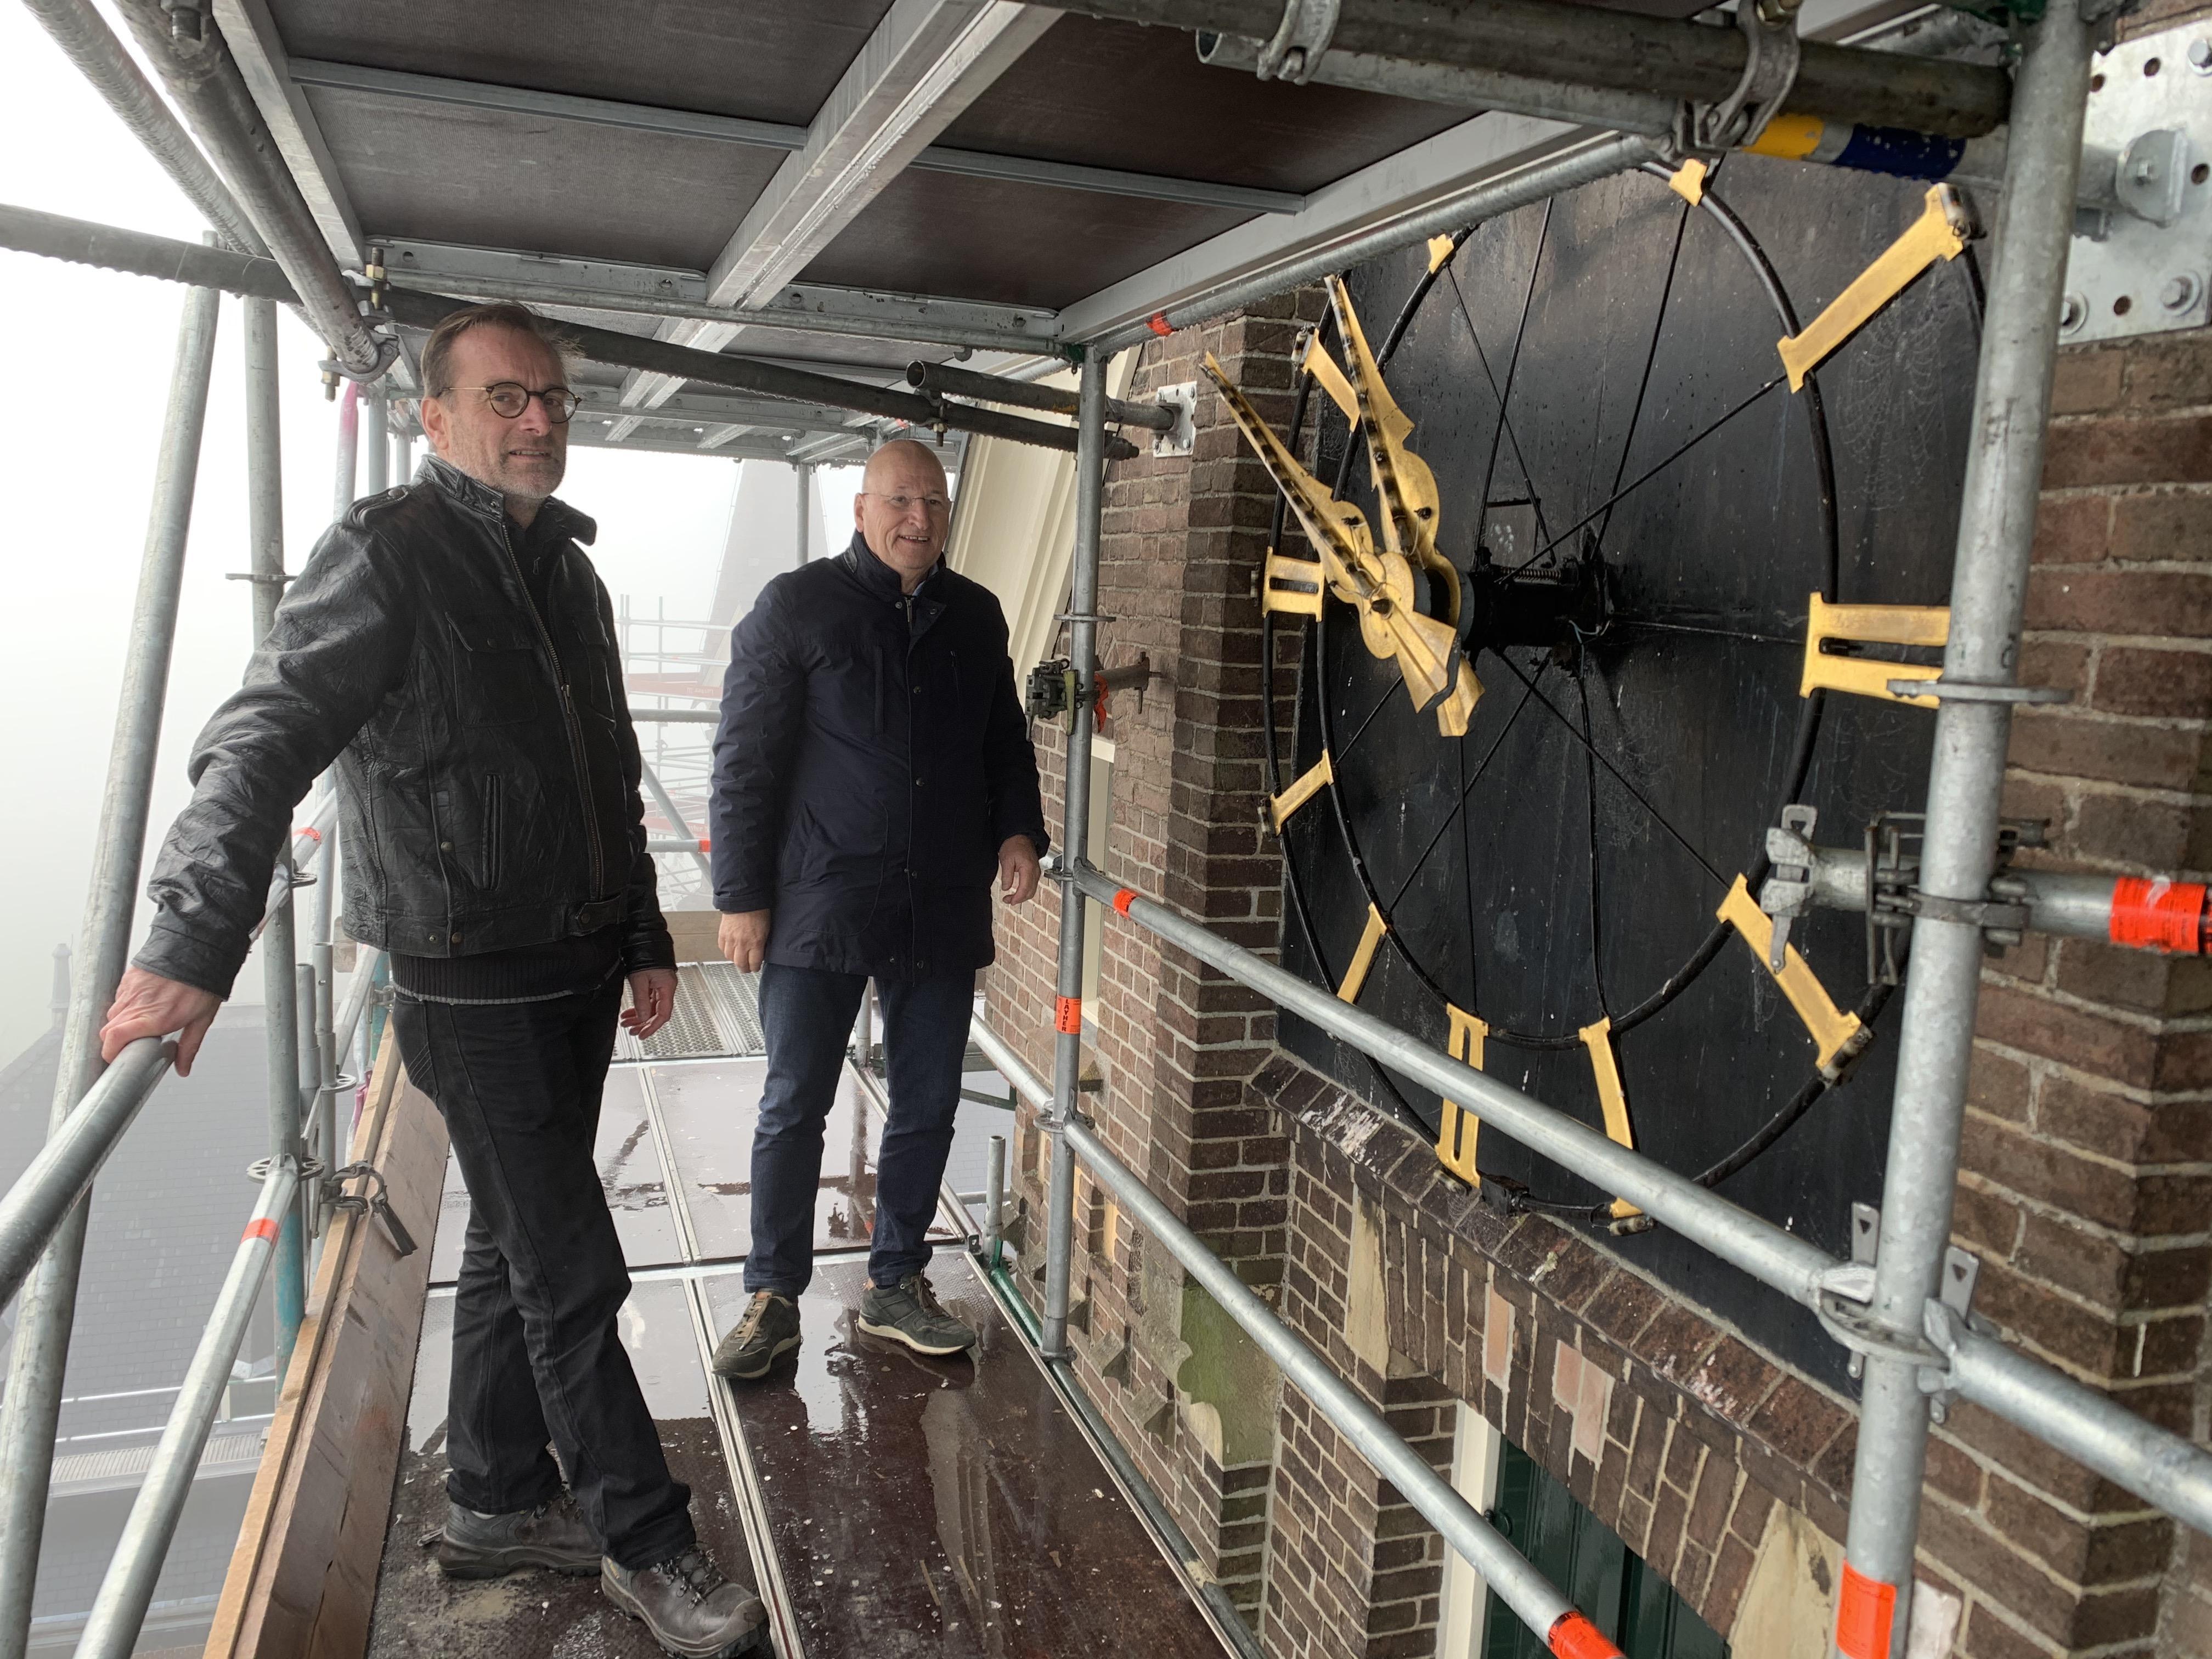 Op smal steigertje 40 meter hoog leien vervangen van Bonifatiuskerk in Spanbroek. 'Kom je koffie brengen?' [video]